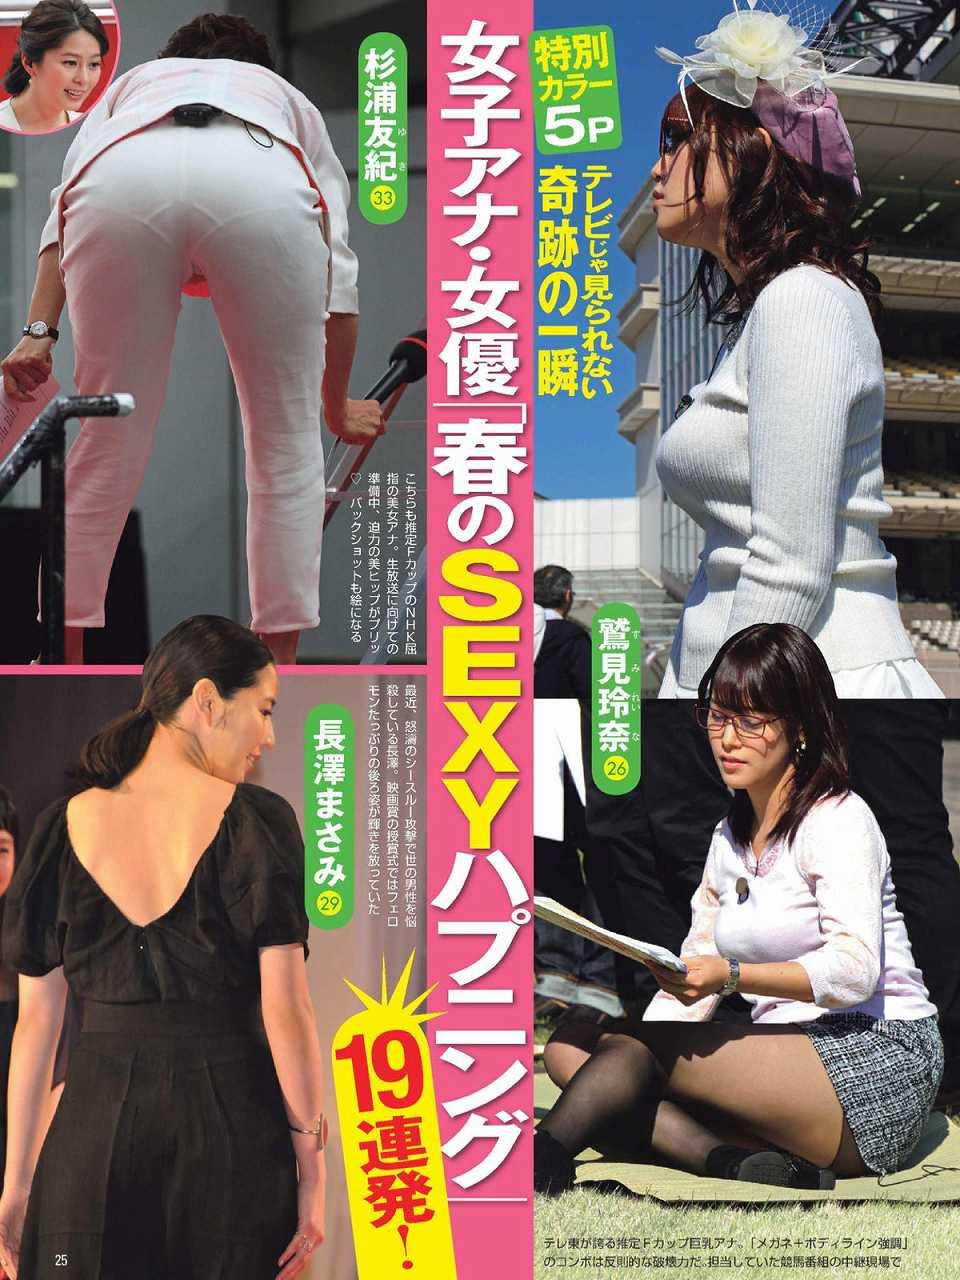 「女子アナ・女優 春のSEXYハプニング」鷲見玲奈の着衣横乳とストッキング太もも、白いパンツスーツを履いた杉浦友紀のお尻、セクシードレスを着た長澤まさみのお尻